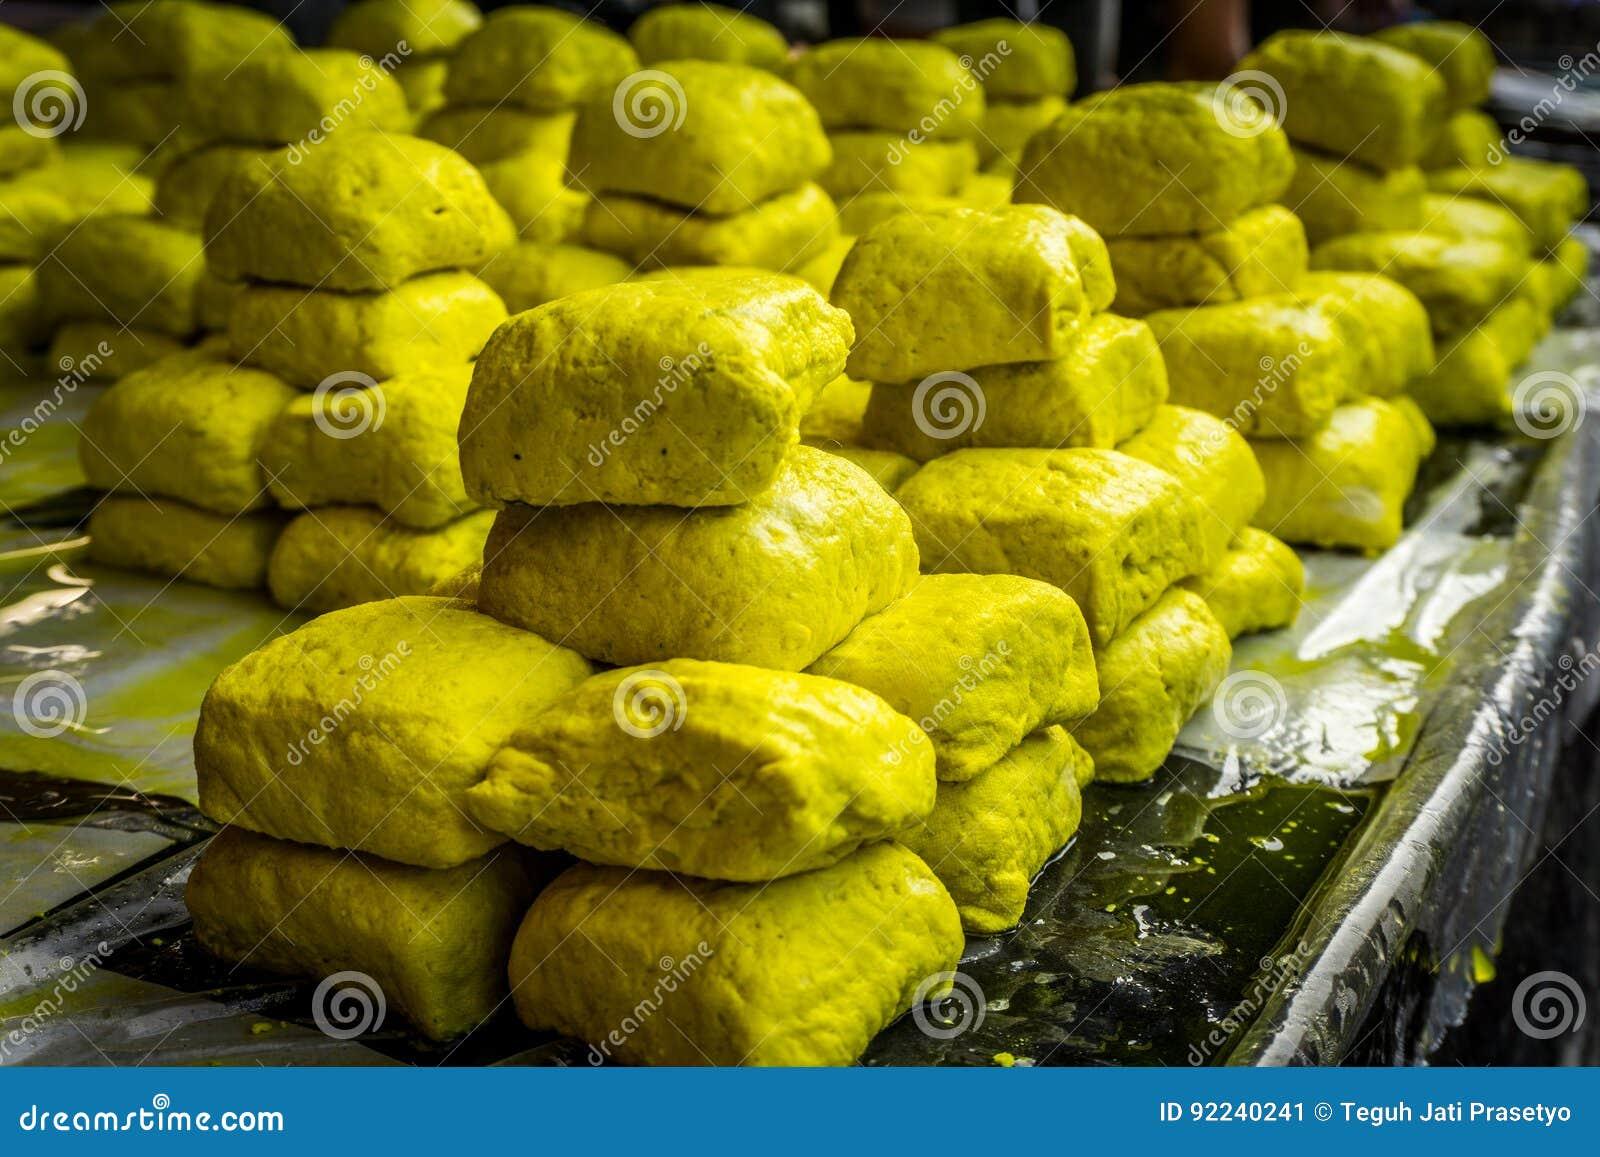 Venda amarela do tofu no mercado local bogor recolhido foto jakarta Indonésia do tradiitonal